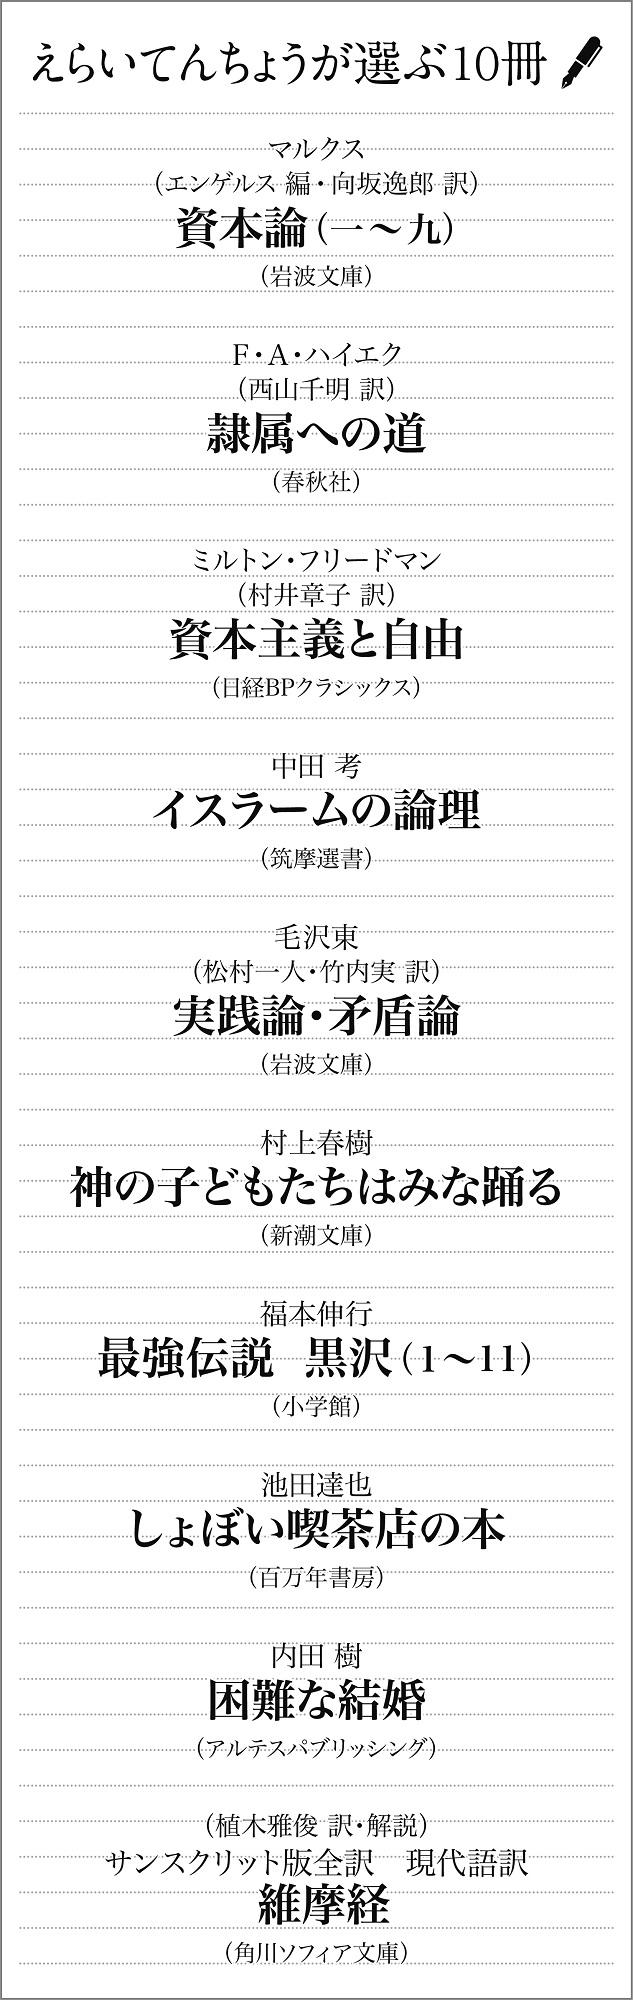 実践することの大切さを知る - えらいてんちょう|論座 - 朝日新聞社の ...